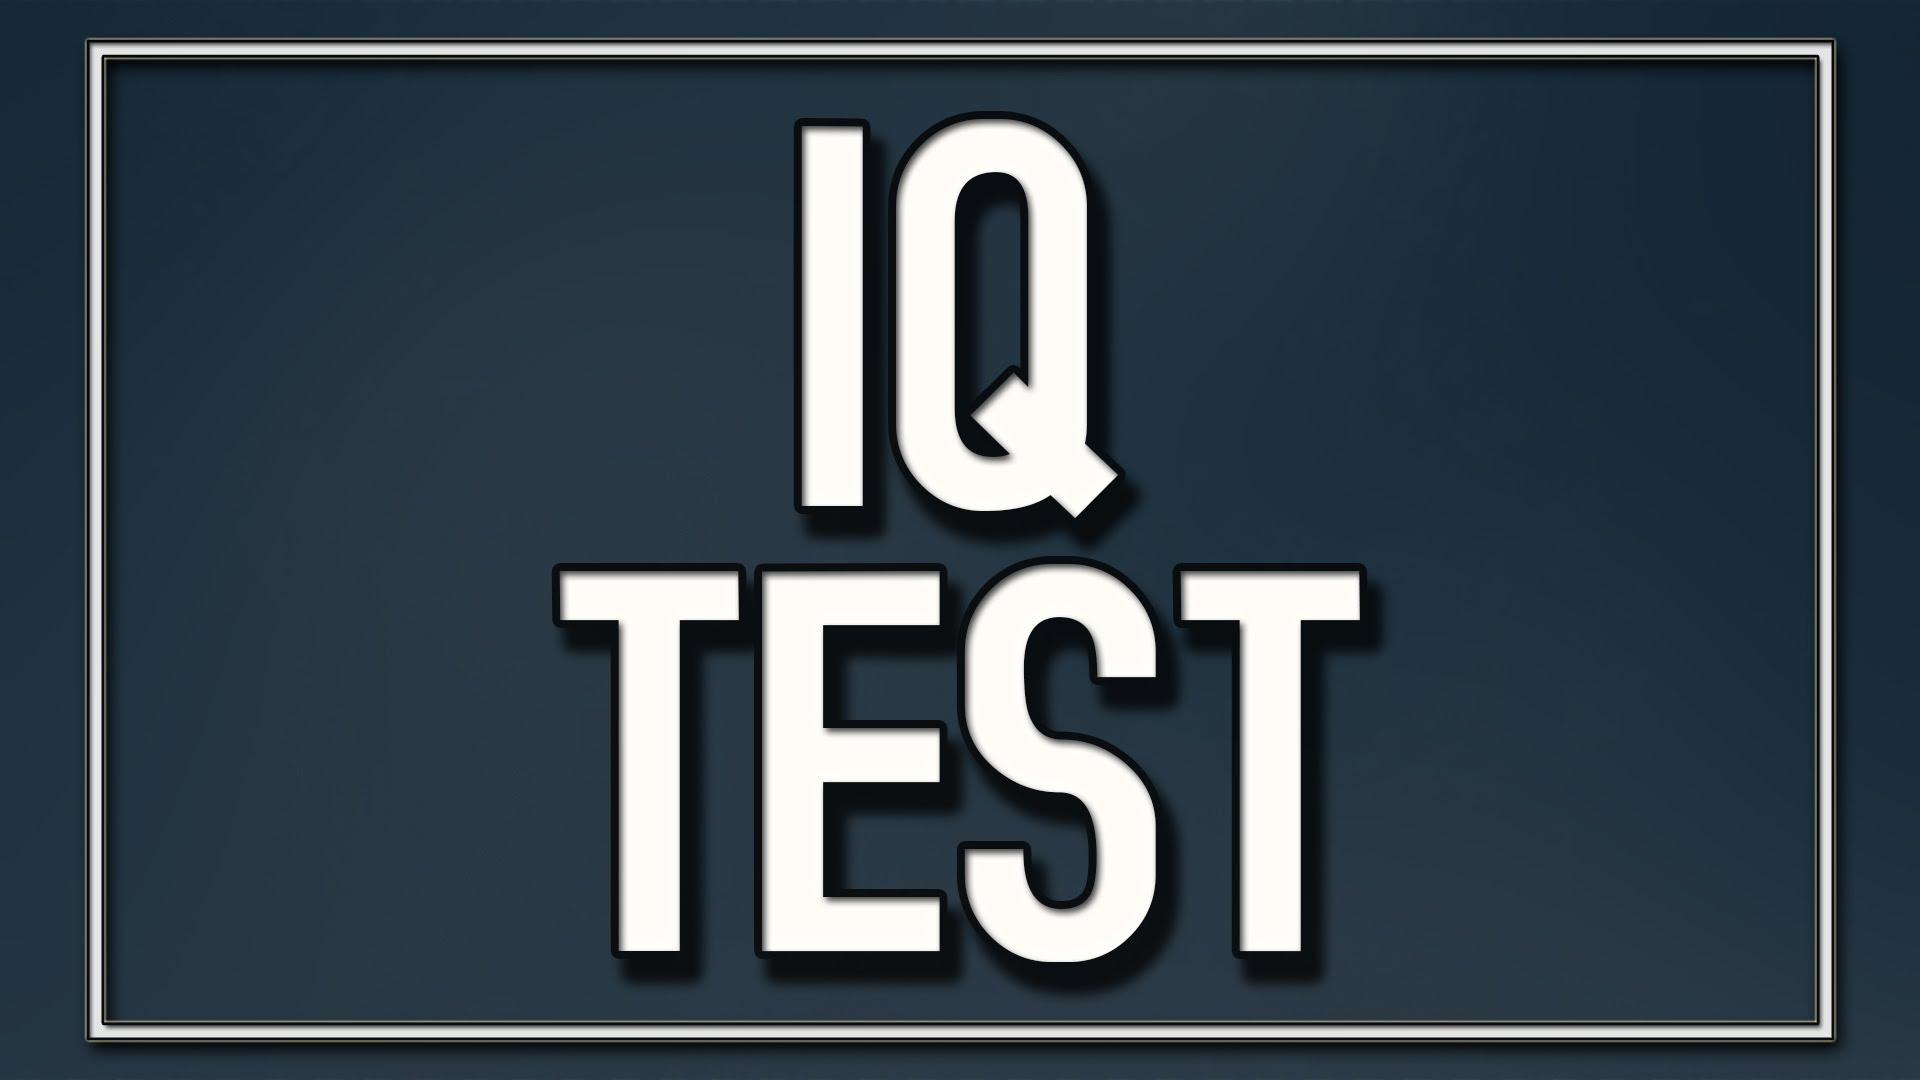 10 Permainan Android Terbaik Untuk Tingkatkan IQ - riobermano